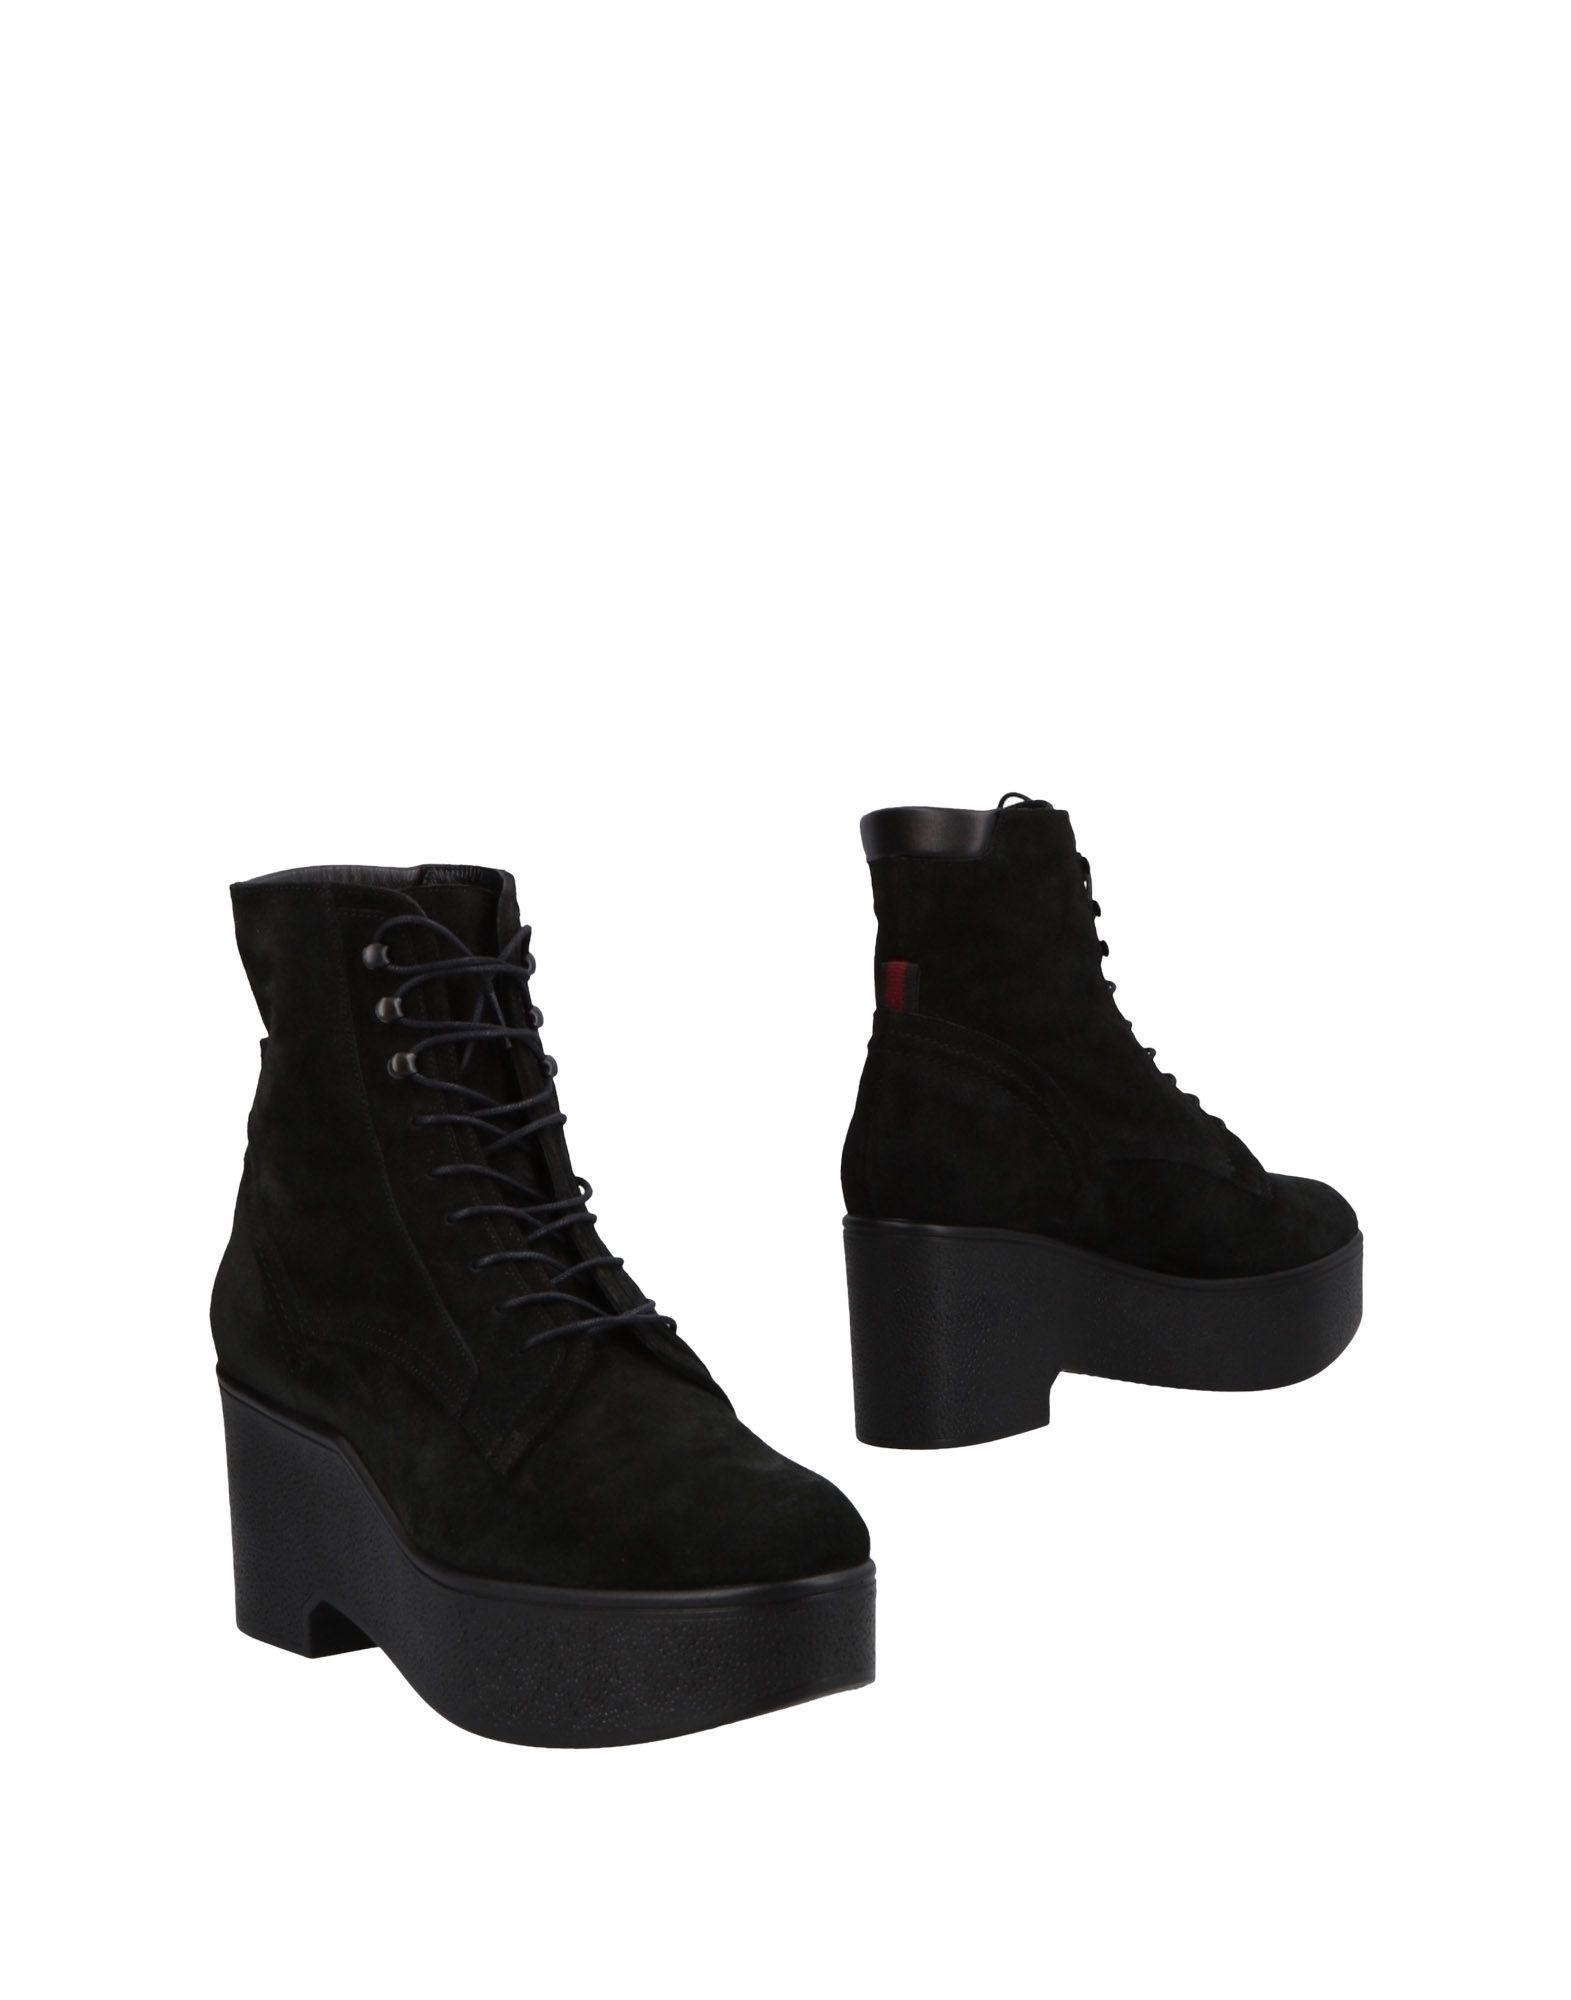 Robert Clergerie Stiefelette Damen  11495519FEGünstige gut aussehende Schuhe